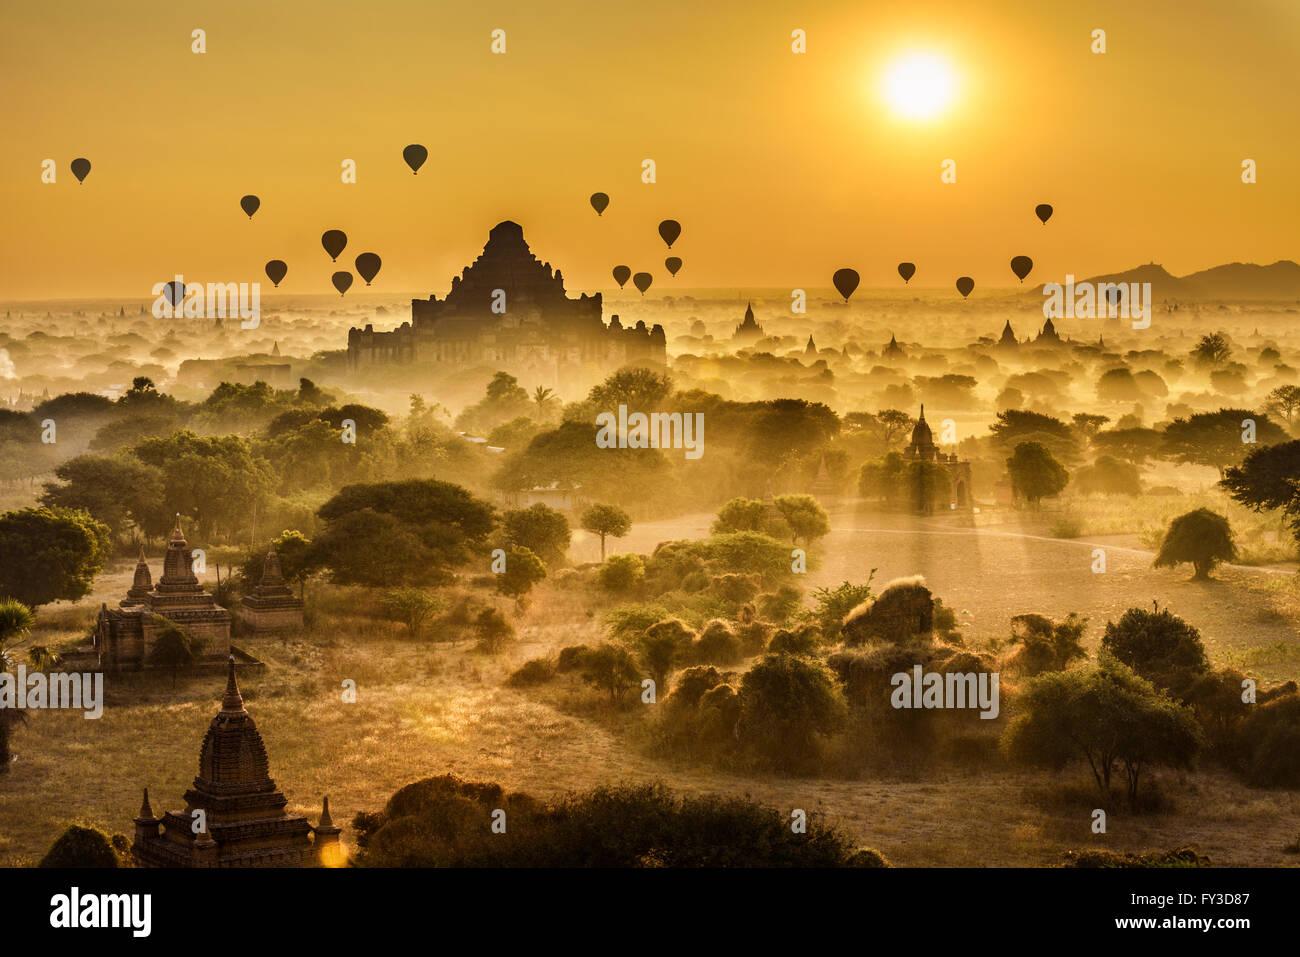 Scenic sunrise con molti i palloni ad aria calda al di sopra di Bagan in Myanmar. Bagan è una città antica Immagini Stock